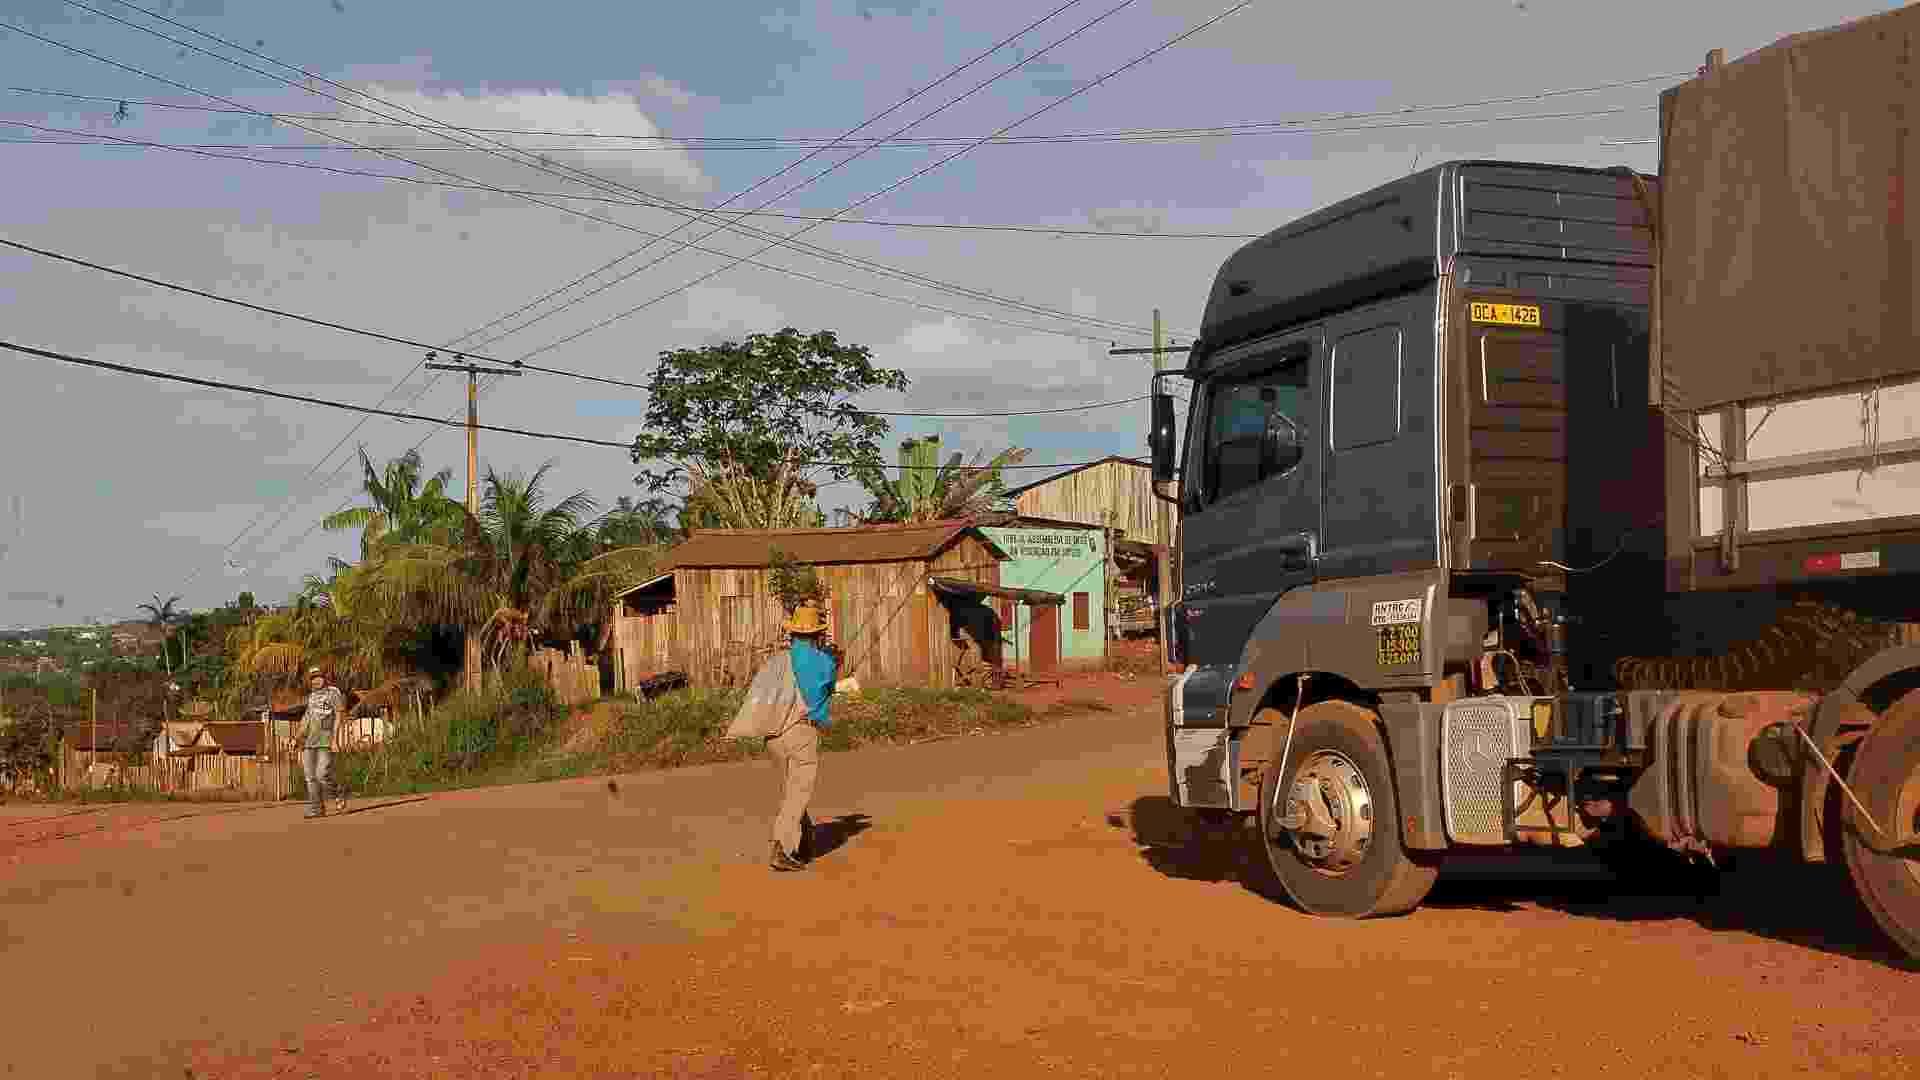 O Comitê Gestor do Plano de Desenvolvimento Regional Sustentável do Xingu pretende mudar o traçado da Rodovia Transamazônica (BR-230), no trecho que corta a cidade de Altamira, para evitar o aumento de acidentes - Valter Campanato/ABr